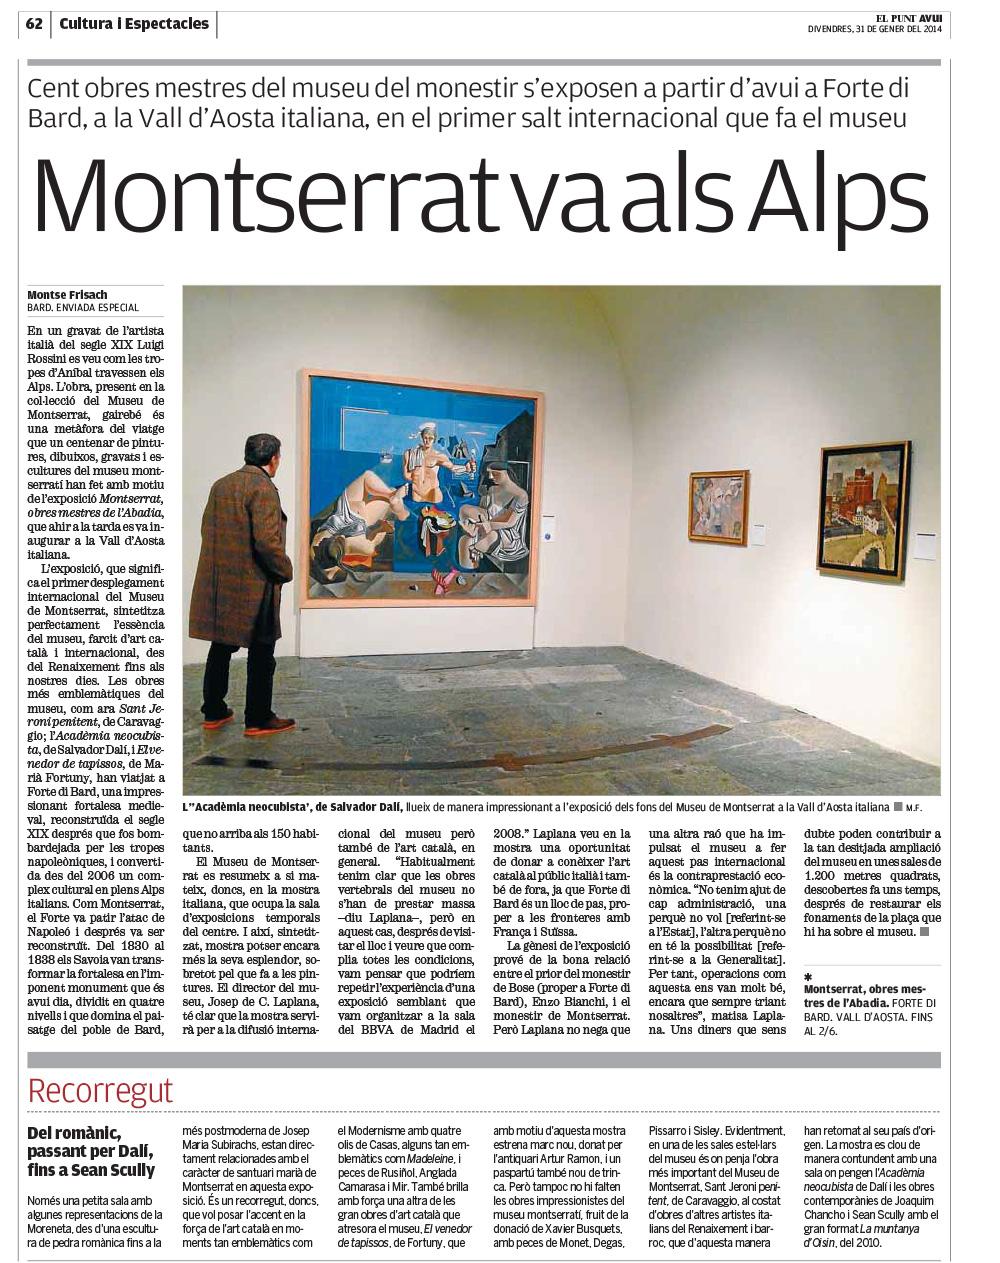 Montserrat va als Alps